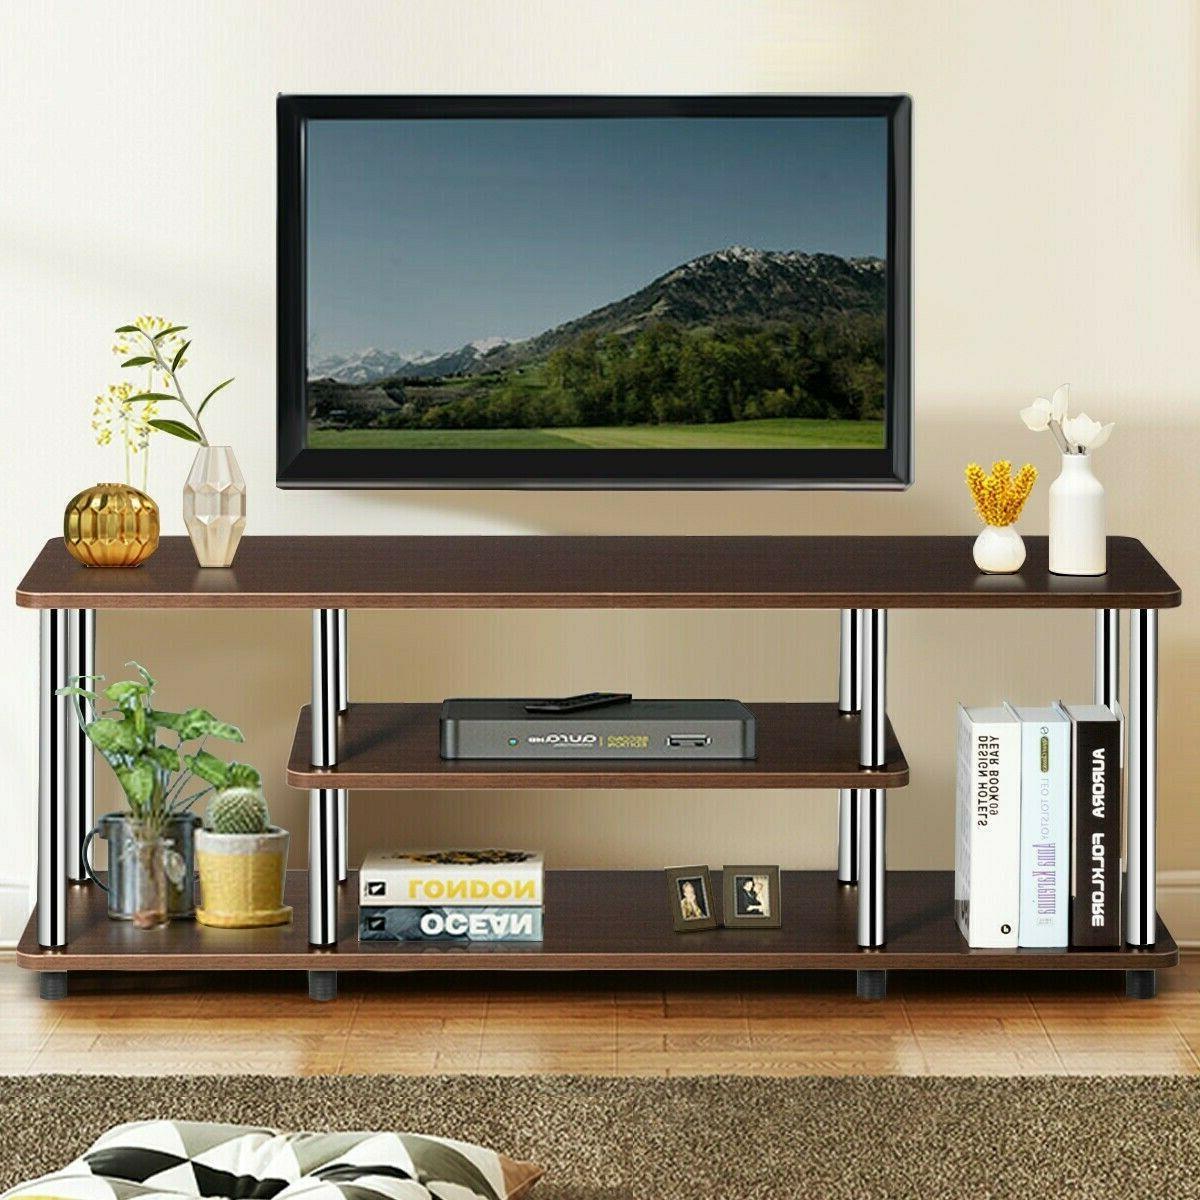 Entertainment Center TV Stand Media Cabinet Table Rack Shelv